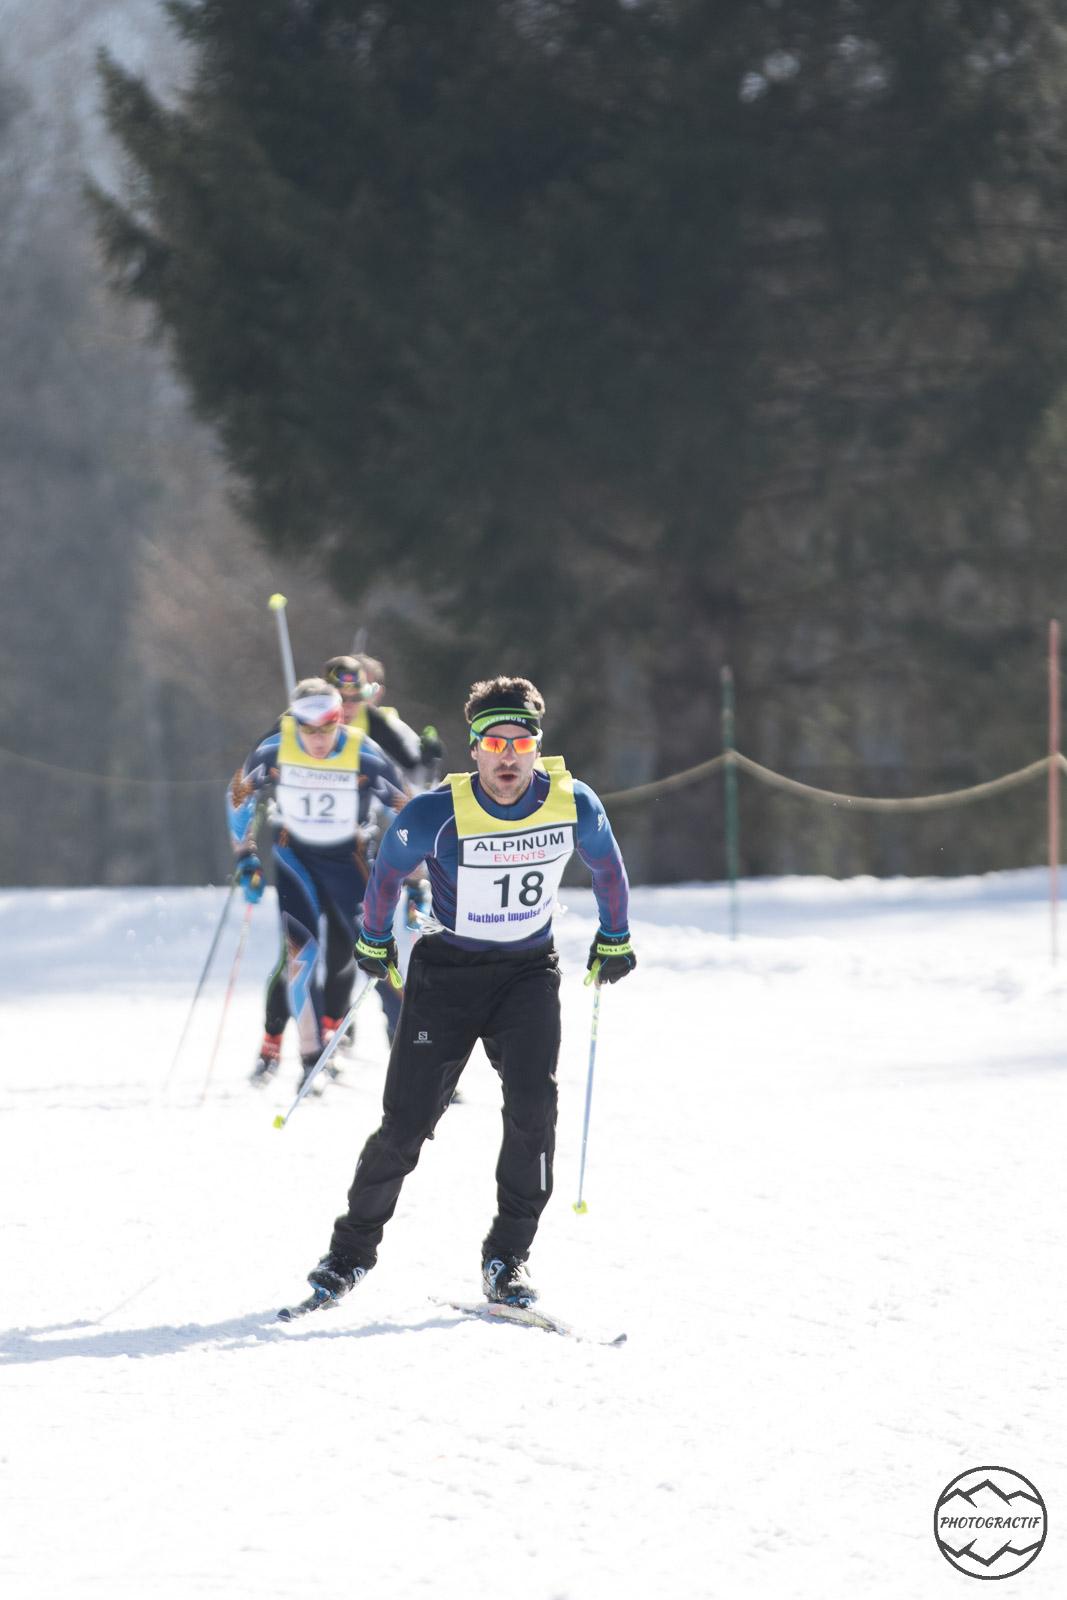 Biathlon Alpinum Les Contamines 2019 (55)